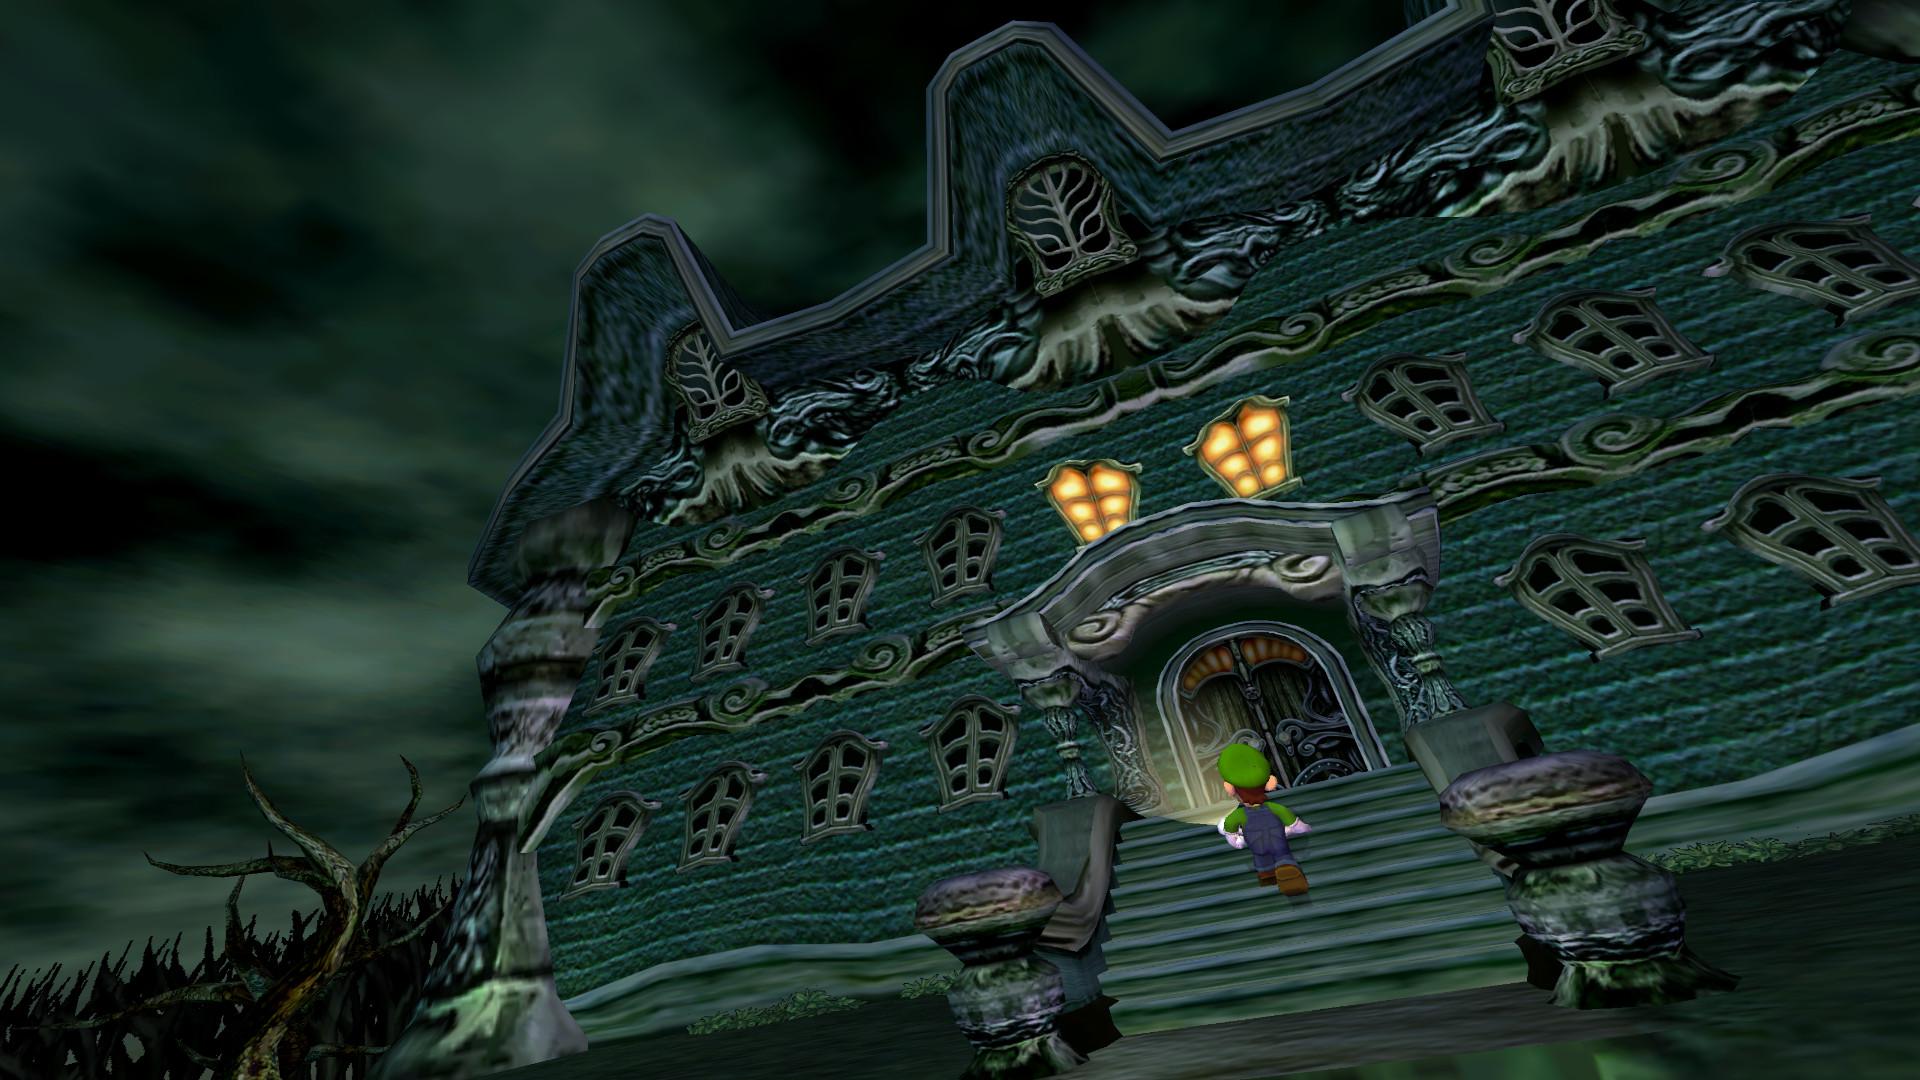 Luigi's Mansion